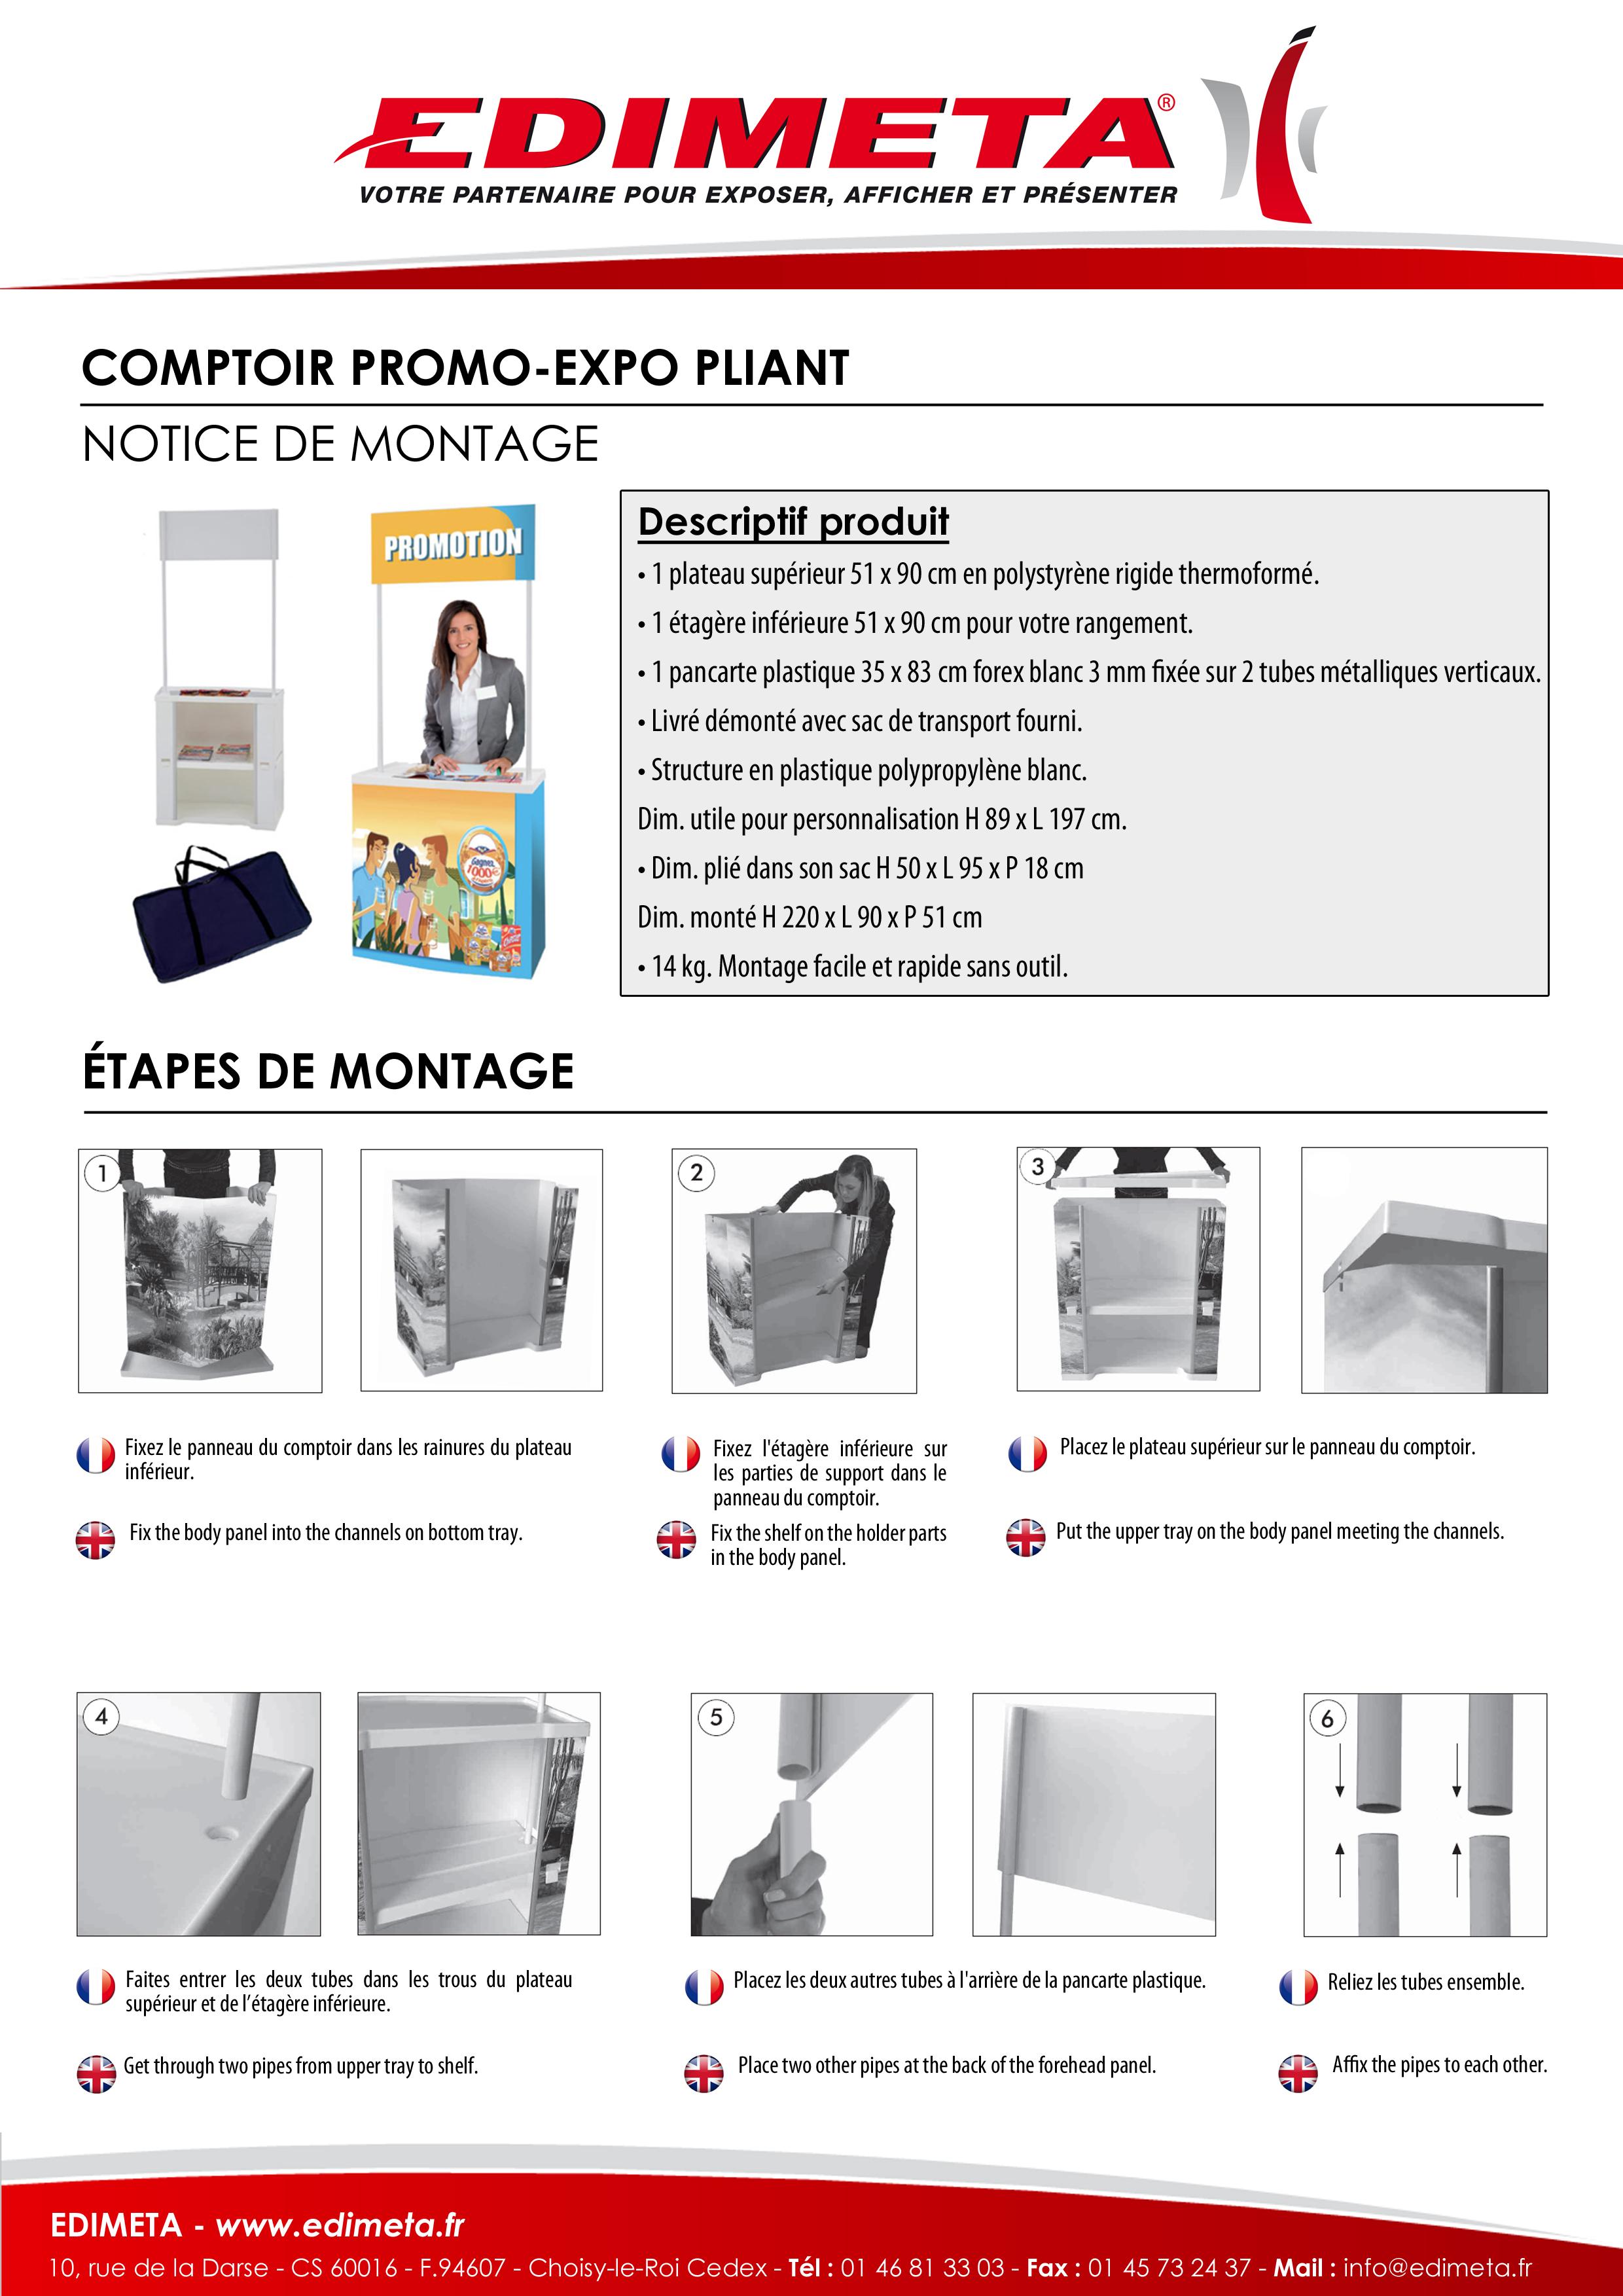 NOTICE DE MONTAGE : COMPTOIR PROMO EXPO PLIANT